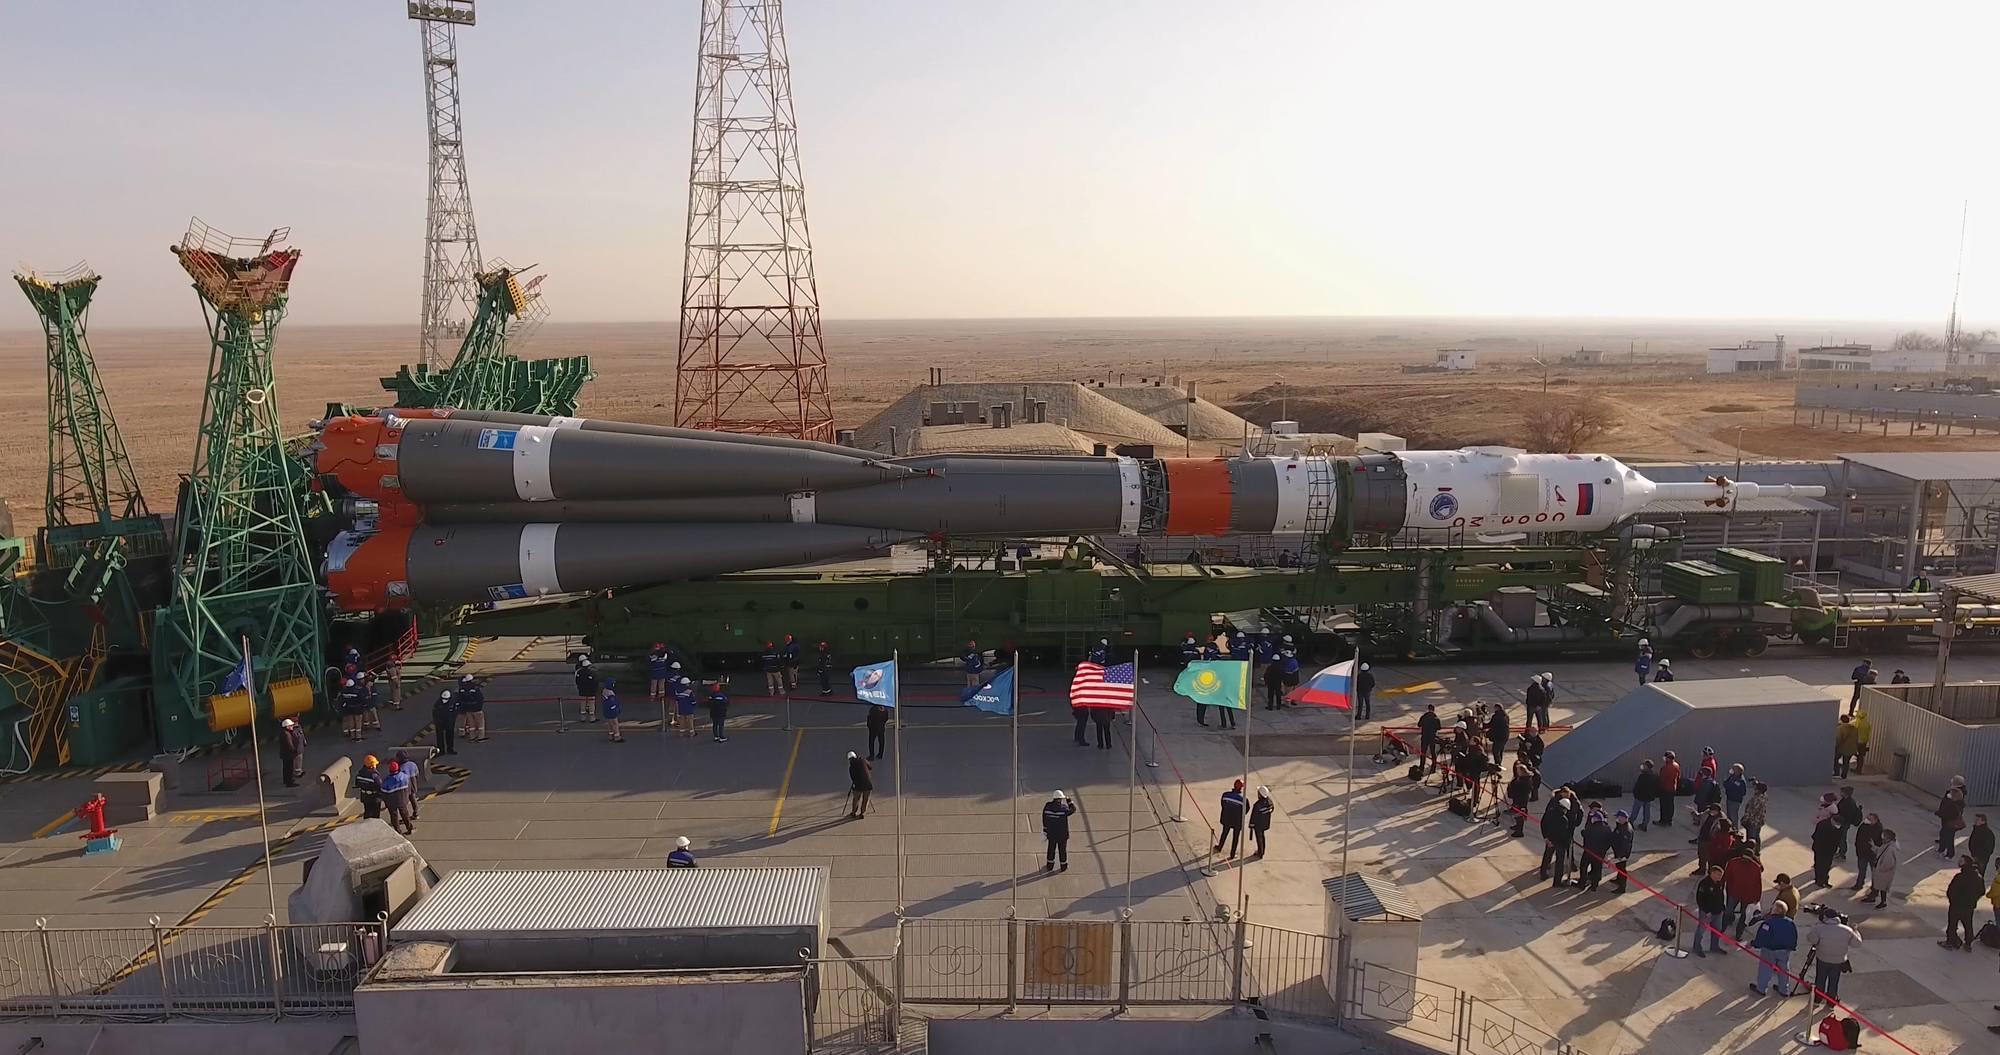 Le lanceur Soyouz 2.1a est arrivé au bord du carneau.